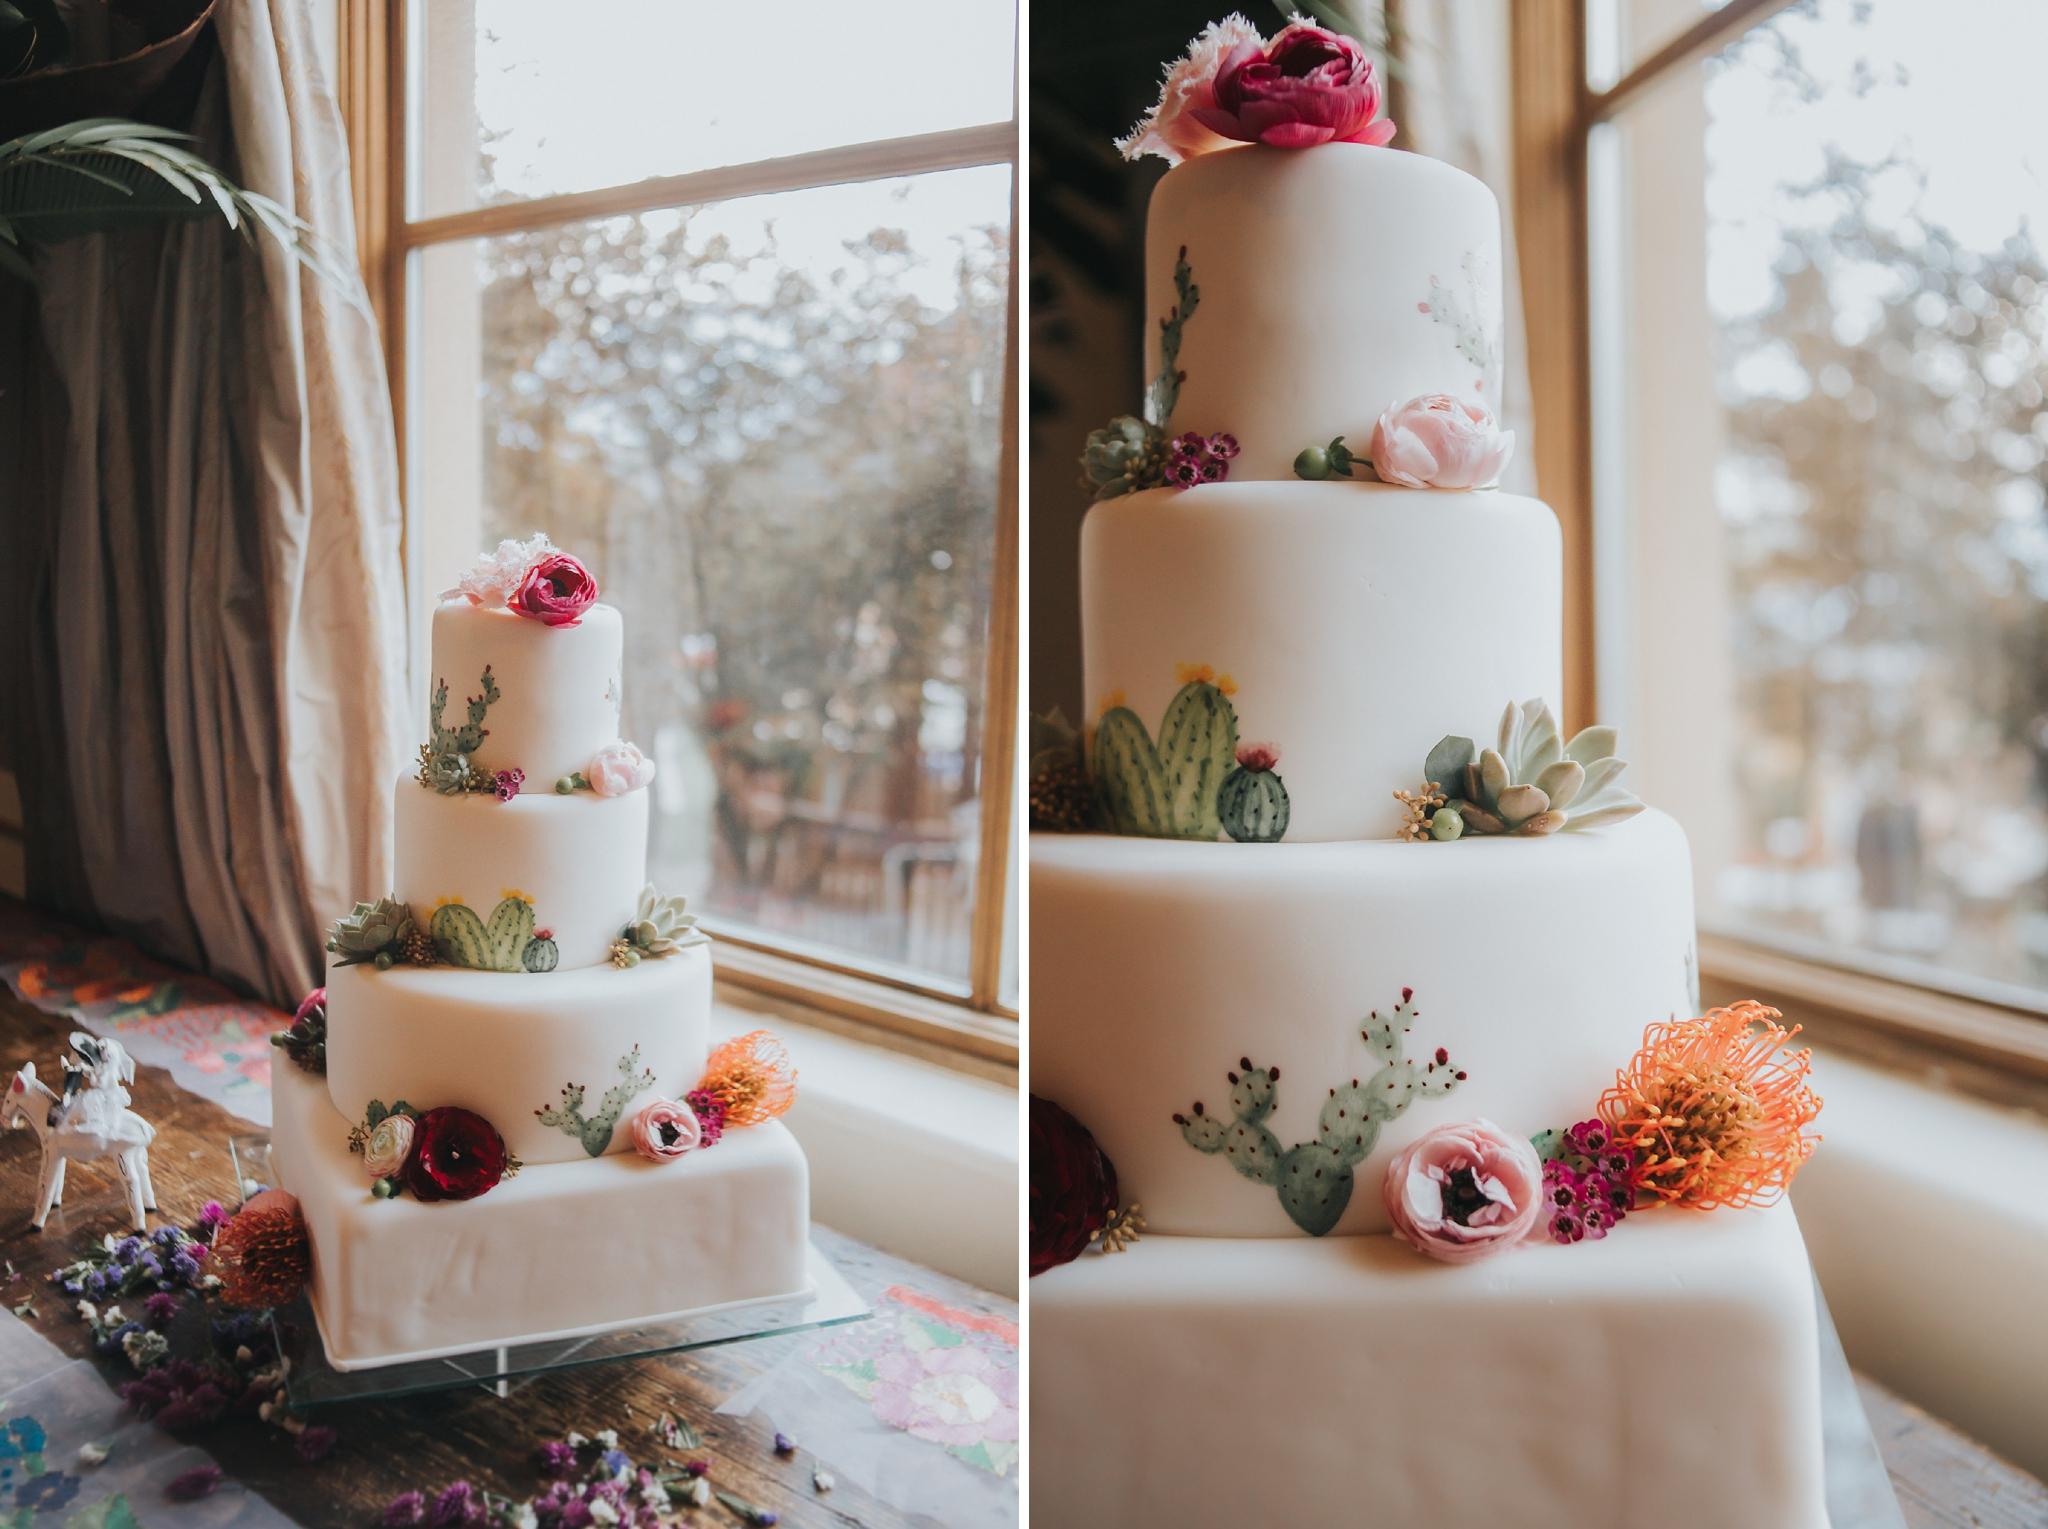 Alicia+lucia+photography+-+albuquerque+wedding+photographer+-+santa+fe+wedding+photography+-+new+mexico+wedding+photographer+-+new+mexico+wedding+-+new+mexico+wedding+-+wedding+florals+-+desert+wedding+-+wedding+trends_0073.jpg